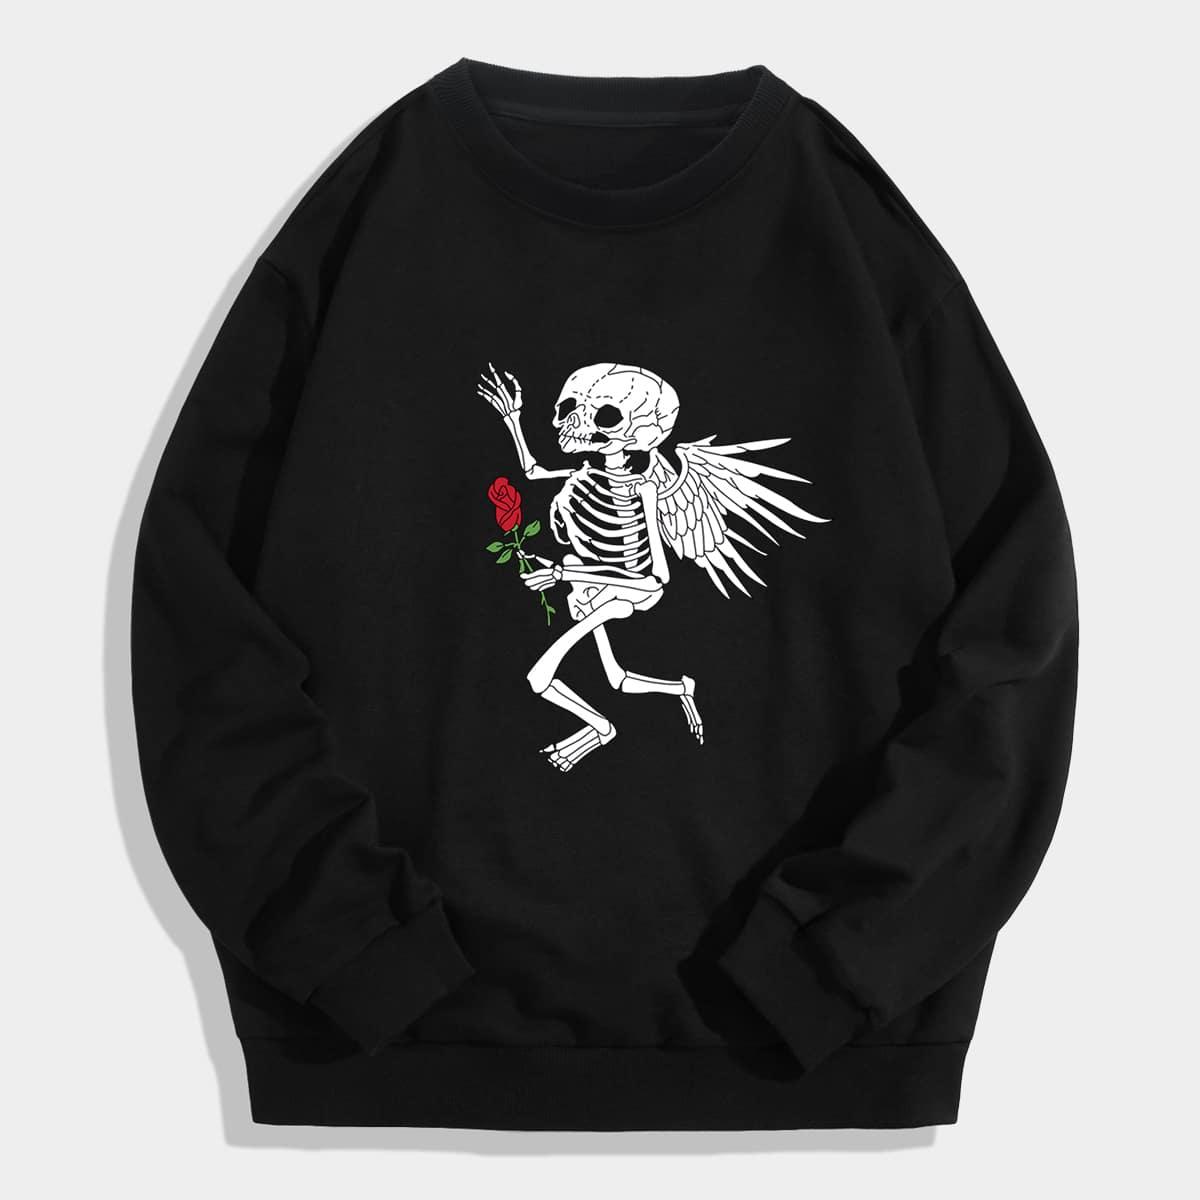 для мужчины Пуловер роза & с принтом скелета